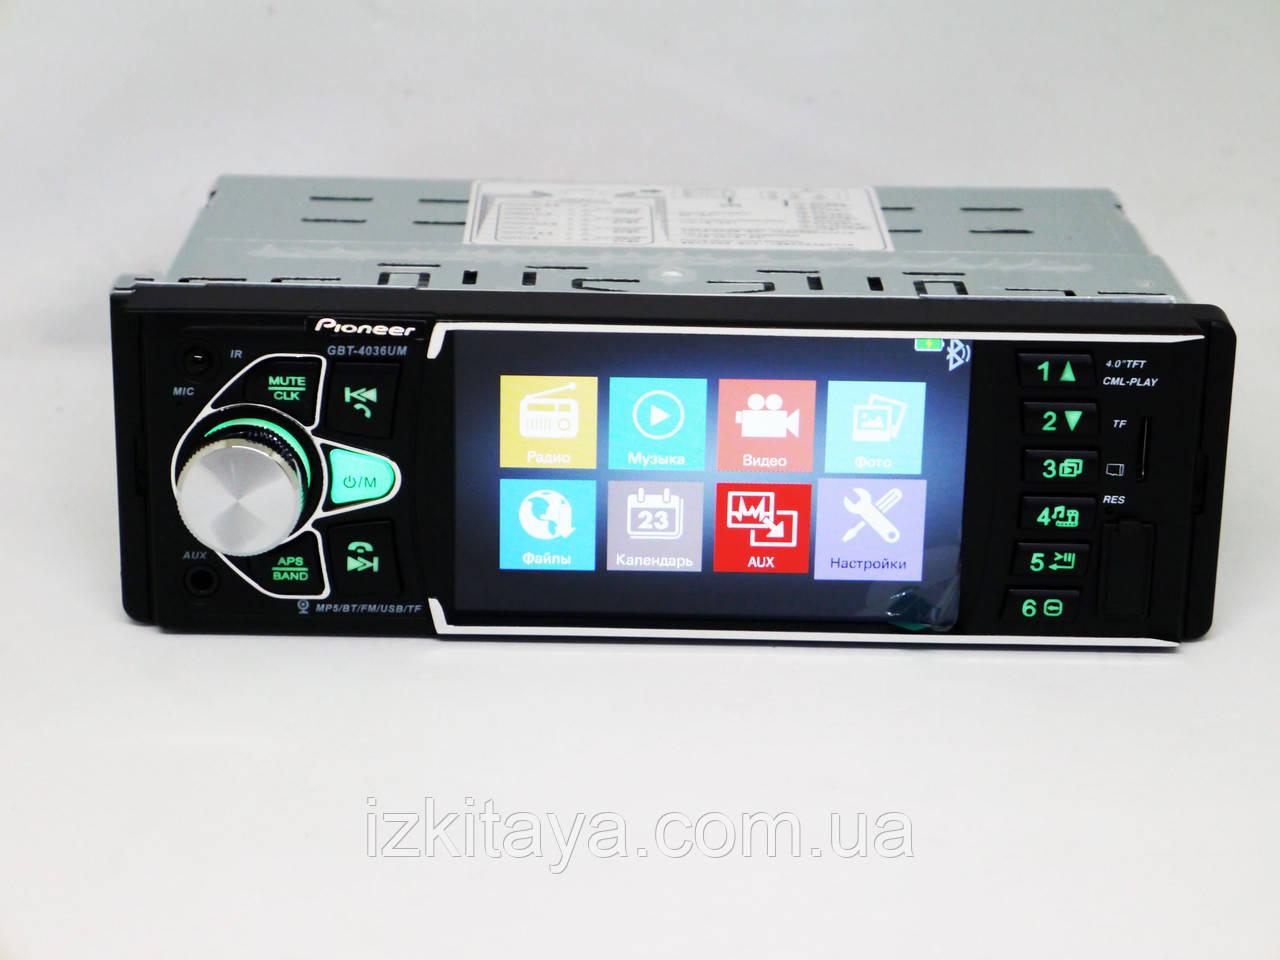 """1 din Автомагнитола Pioneer 4036 ISO с экраном 4.1"""" дюйма AV-in (1 дин мощная магнитола с блютуз в авто)"""